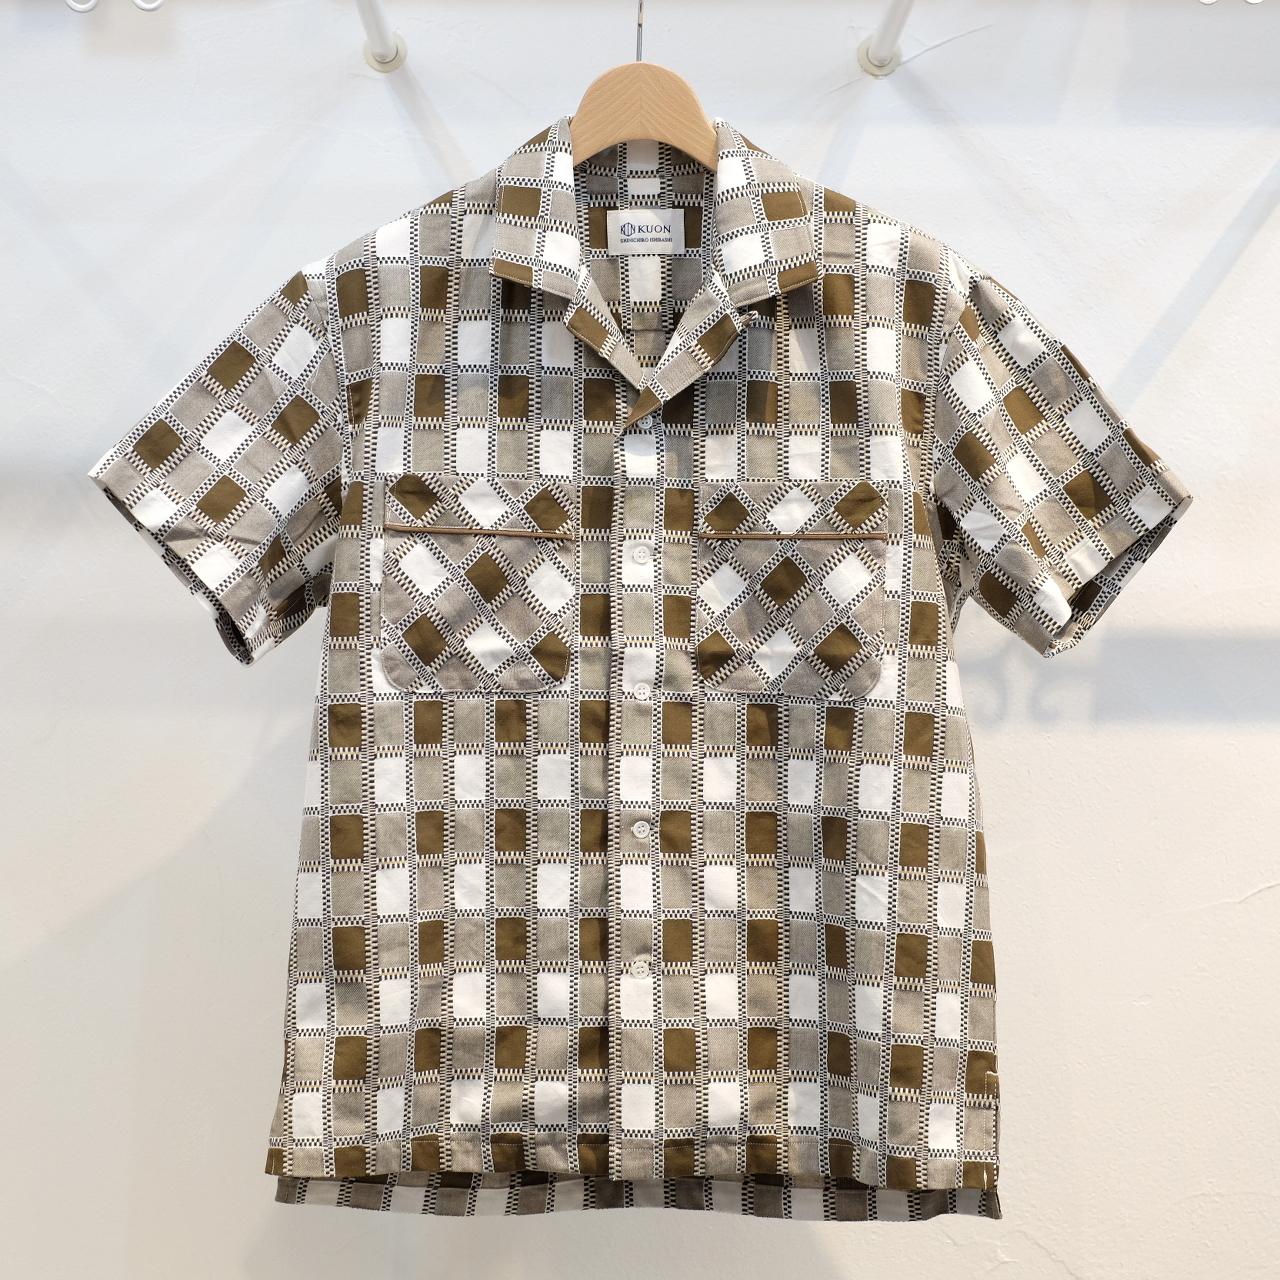 KUON(クオン) 吉野格子(柳格子) オープンカラーシャツ ブラウン